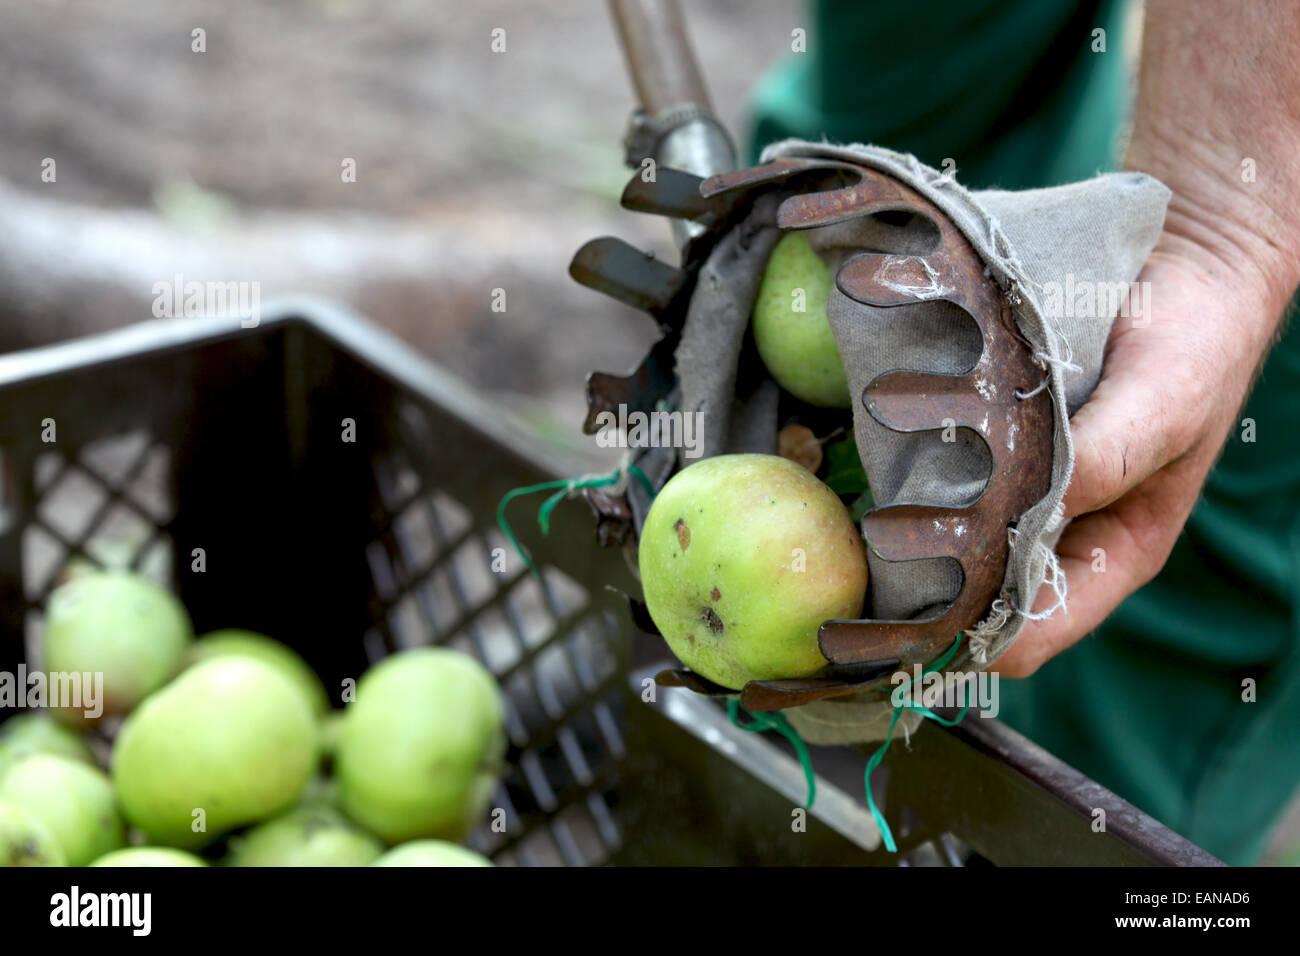 Urbano raccolto apple utilizzando un aiuto di prelievo Immagini Stock